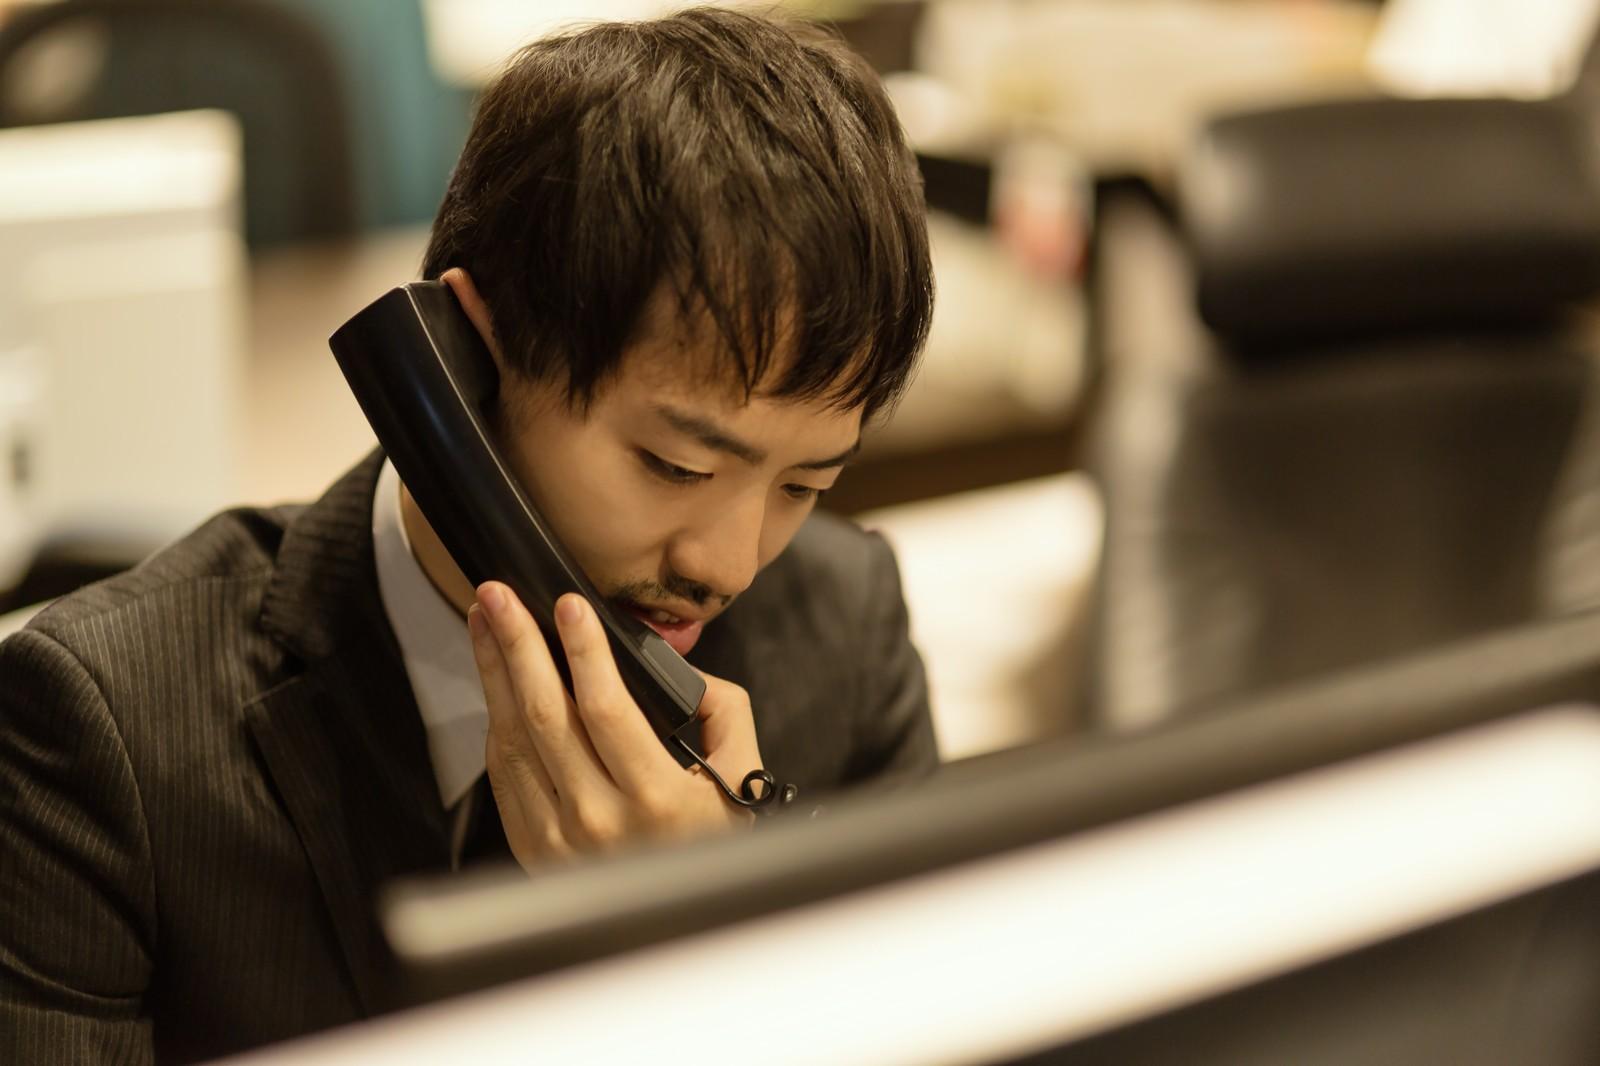 仕事で電話に出るのが苦手!原因や克服する方法を解説